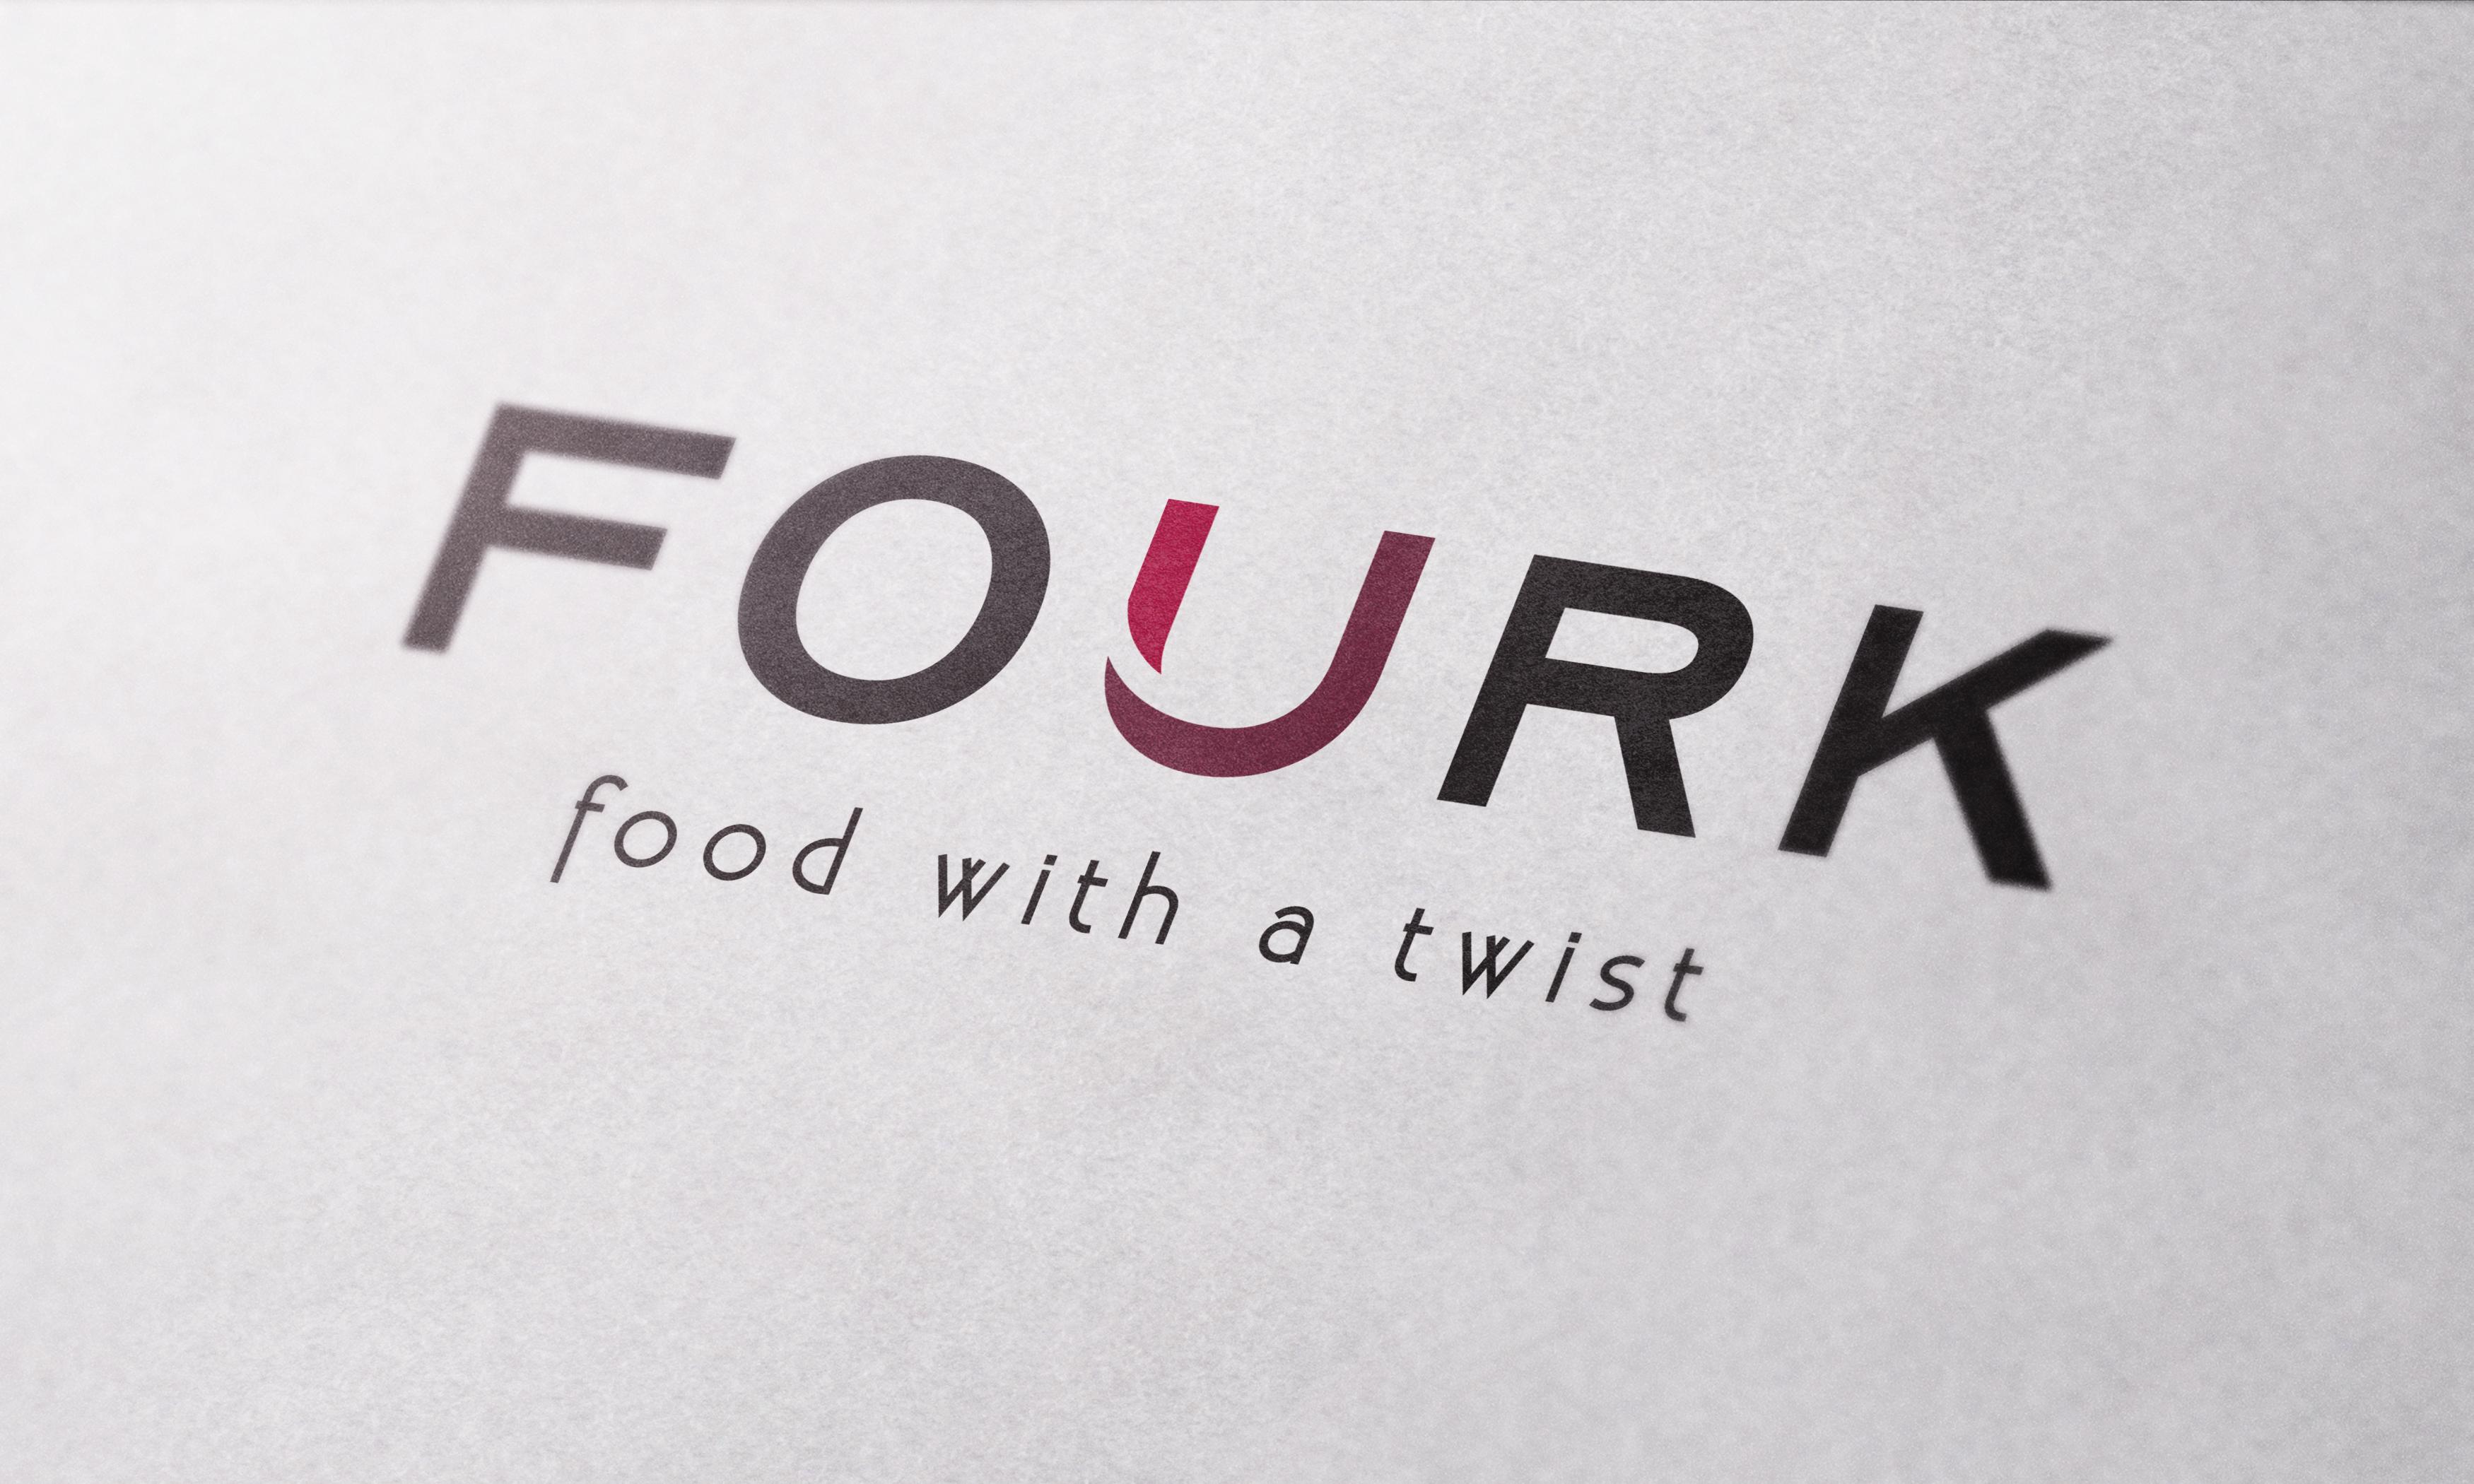 Fourk1